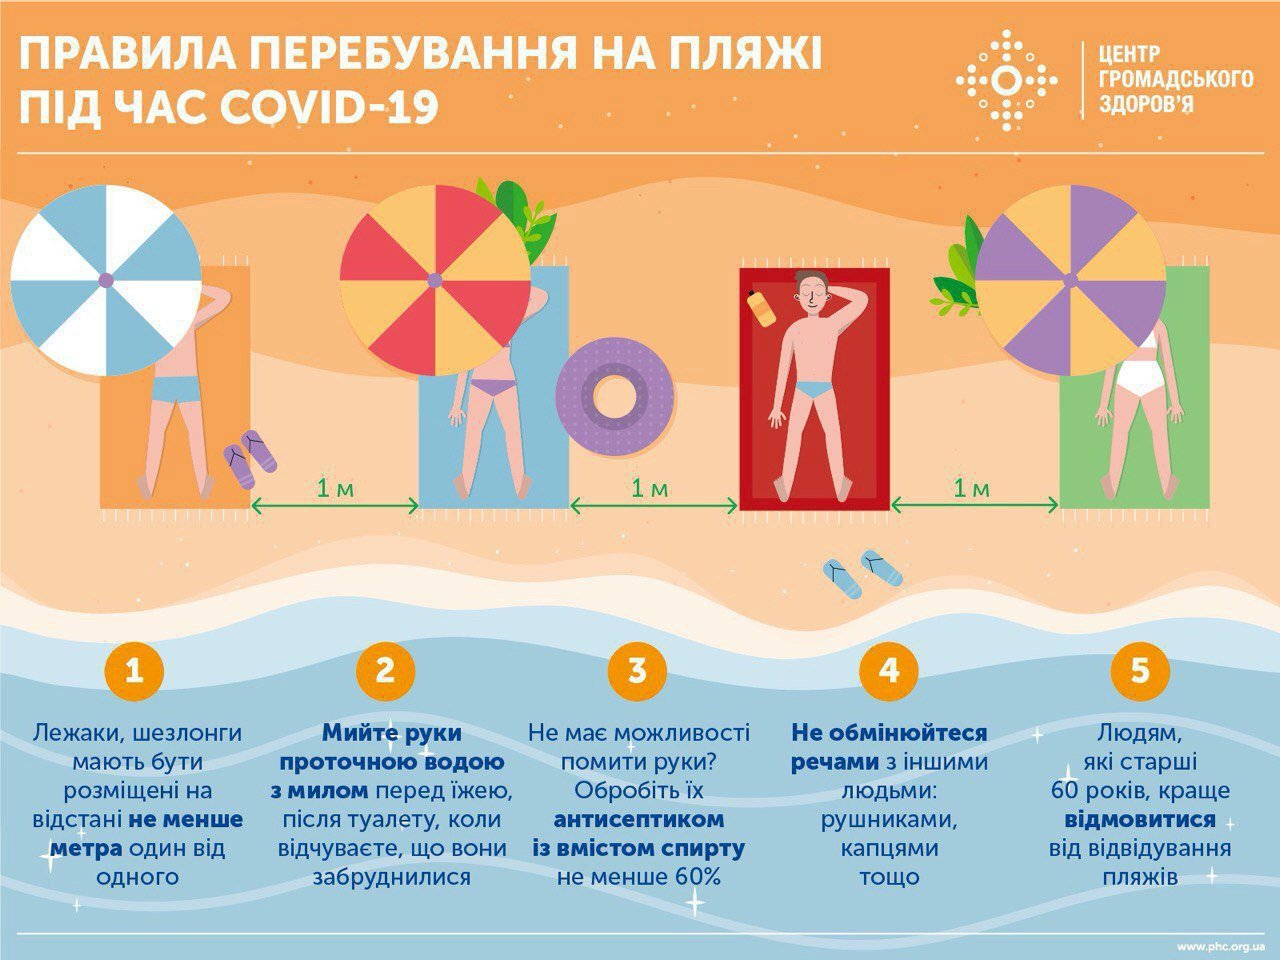 Правила перебування на морі під час пандемії